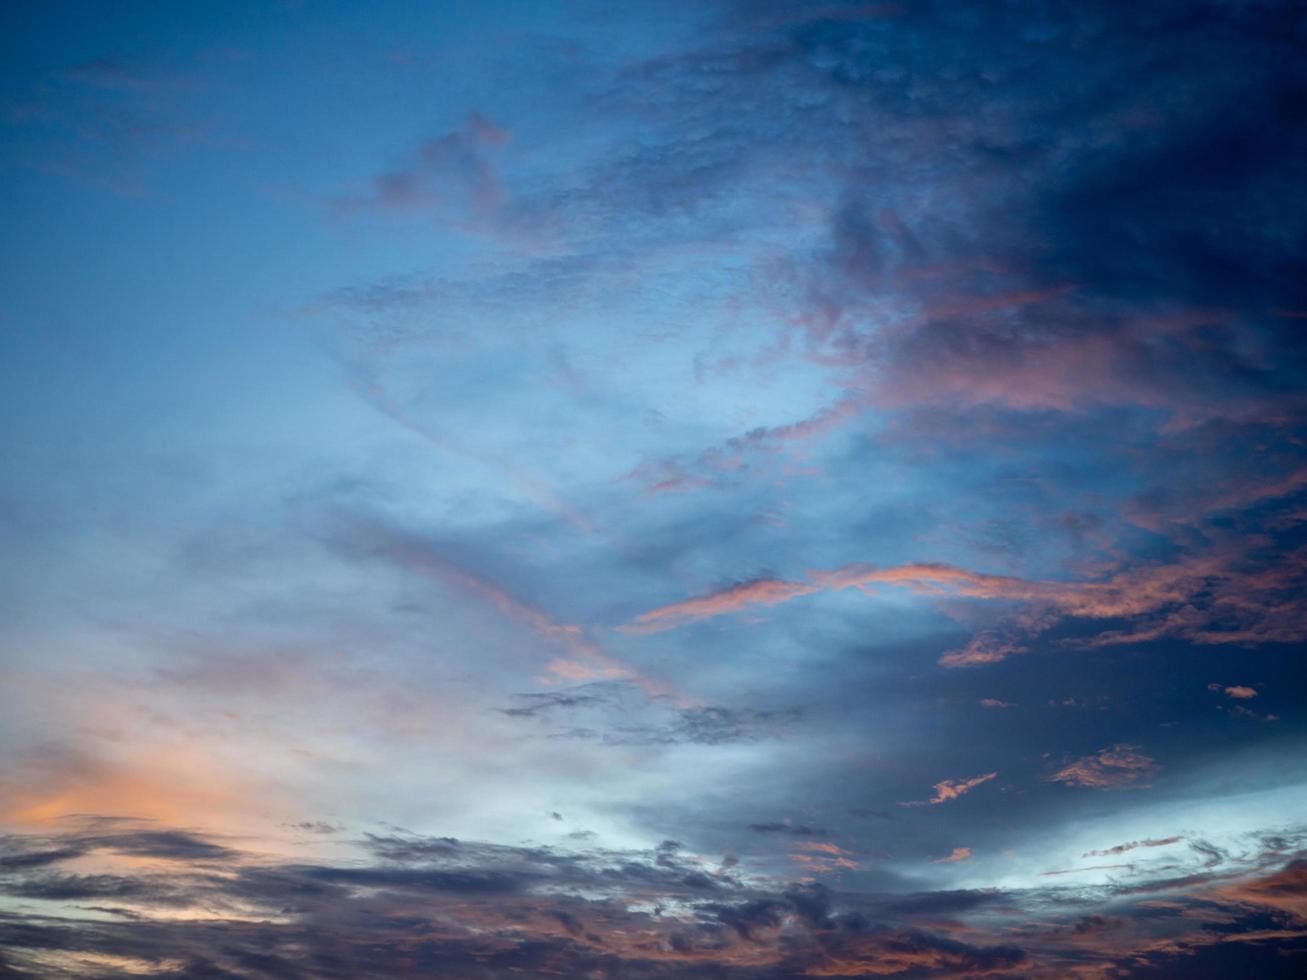 himmel och moln vid solnedgången. foto